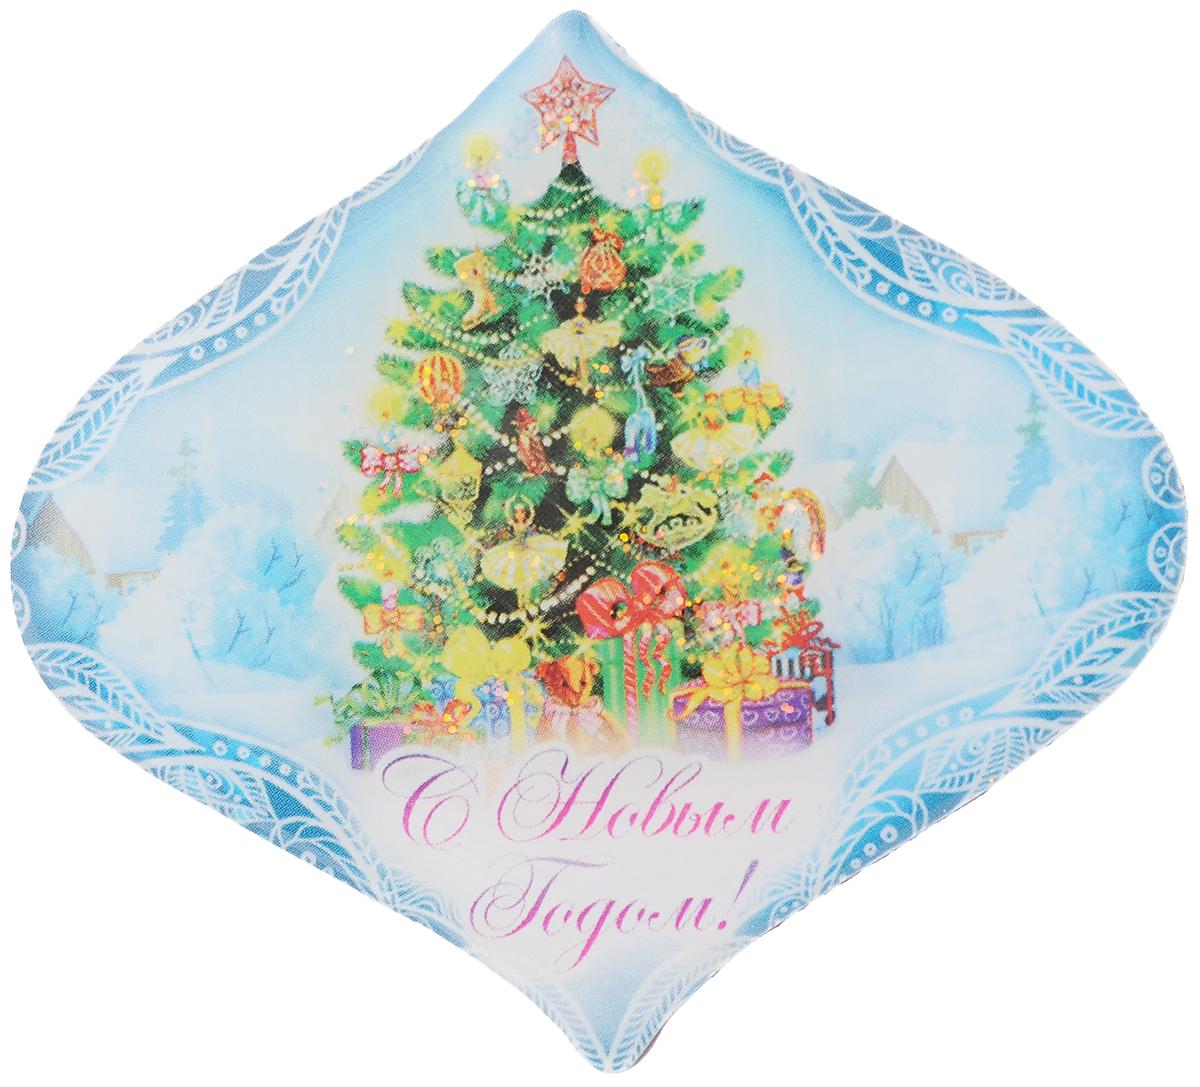 Магнит декоративный Magic Time Пушистая елочка, 6,7 x 6 см12723Магнит Magic Time Пушистая елочка, выполненный из агломерированного феррита, прекрасно подойдет в качестве сувенира к Новому году или станет приятным презентом в обычный день. Магнит - одно из самых простых, недорогих и при этом оригинальных украшений интерьера. Он поможет вам украсить не только холодильник, но и любую другую магнитную поверхность.Размер: 6,7 х 6 см.Материал: агломерированный феррит.